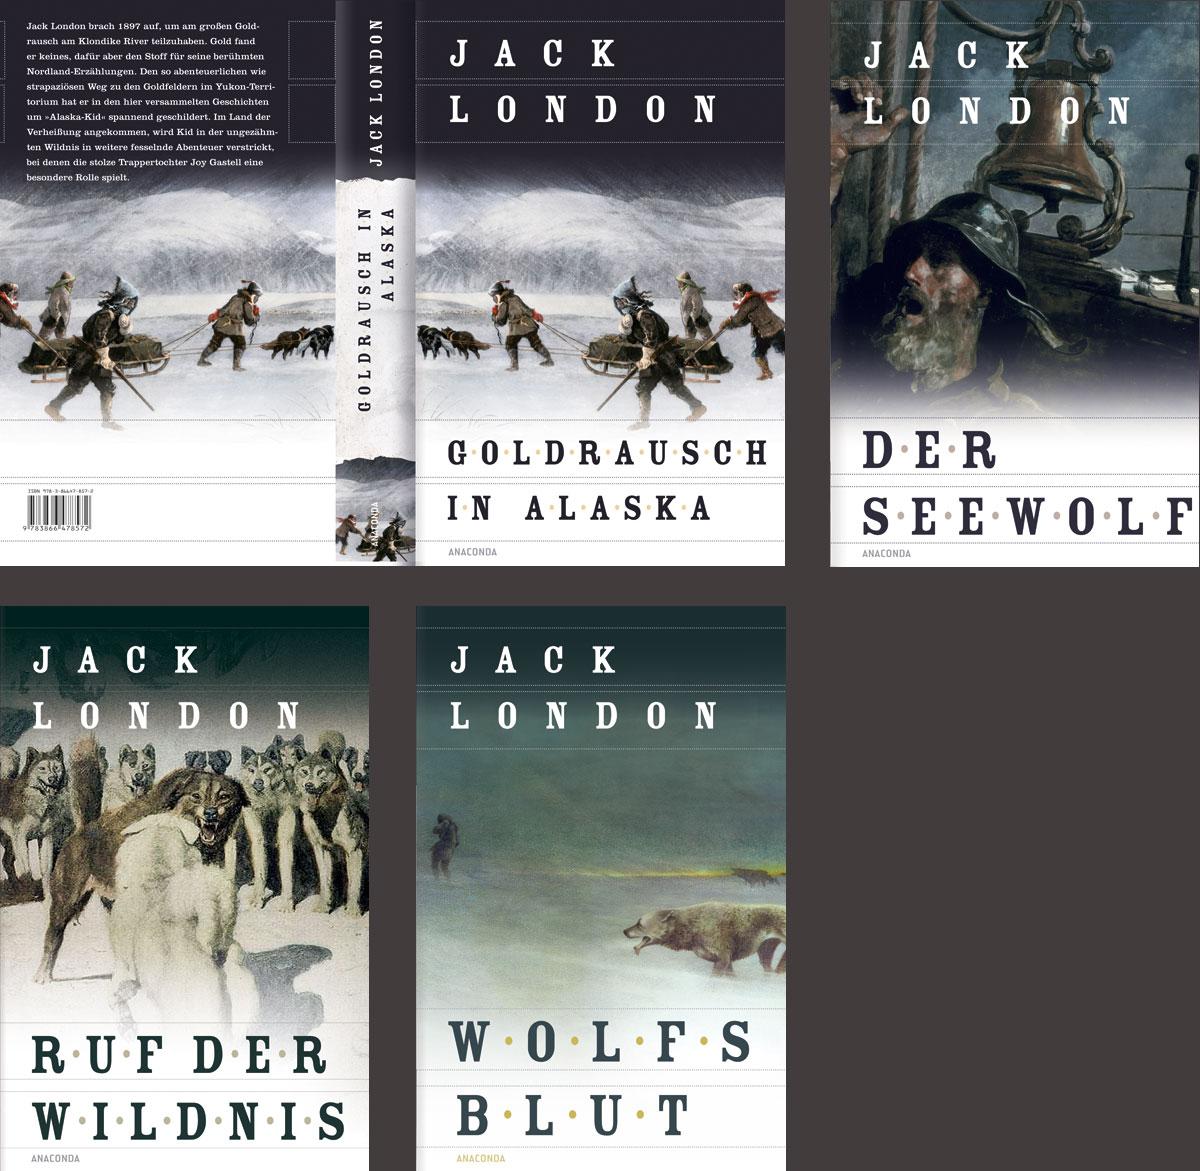 Jack-london-romane-und-erzaehlungen3